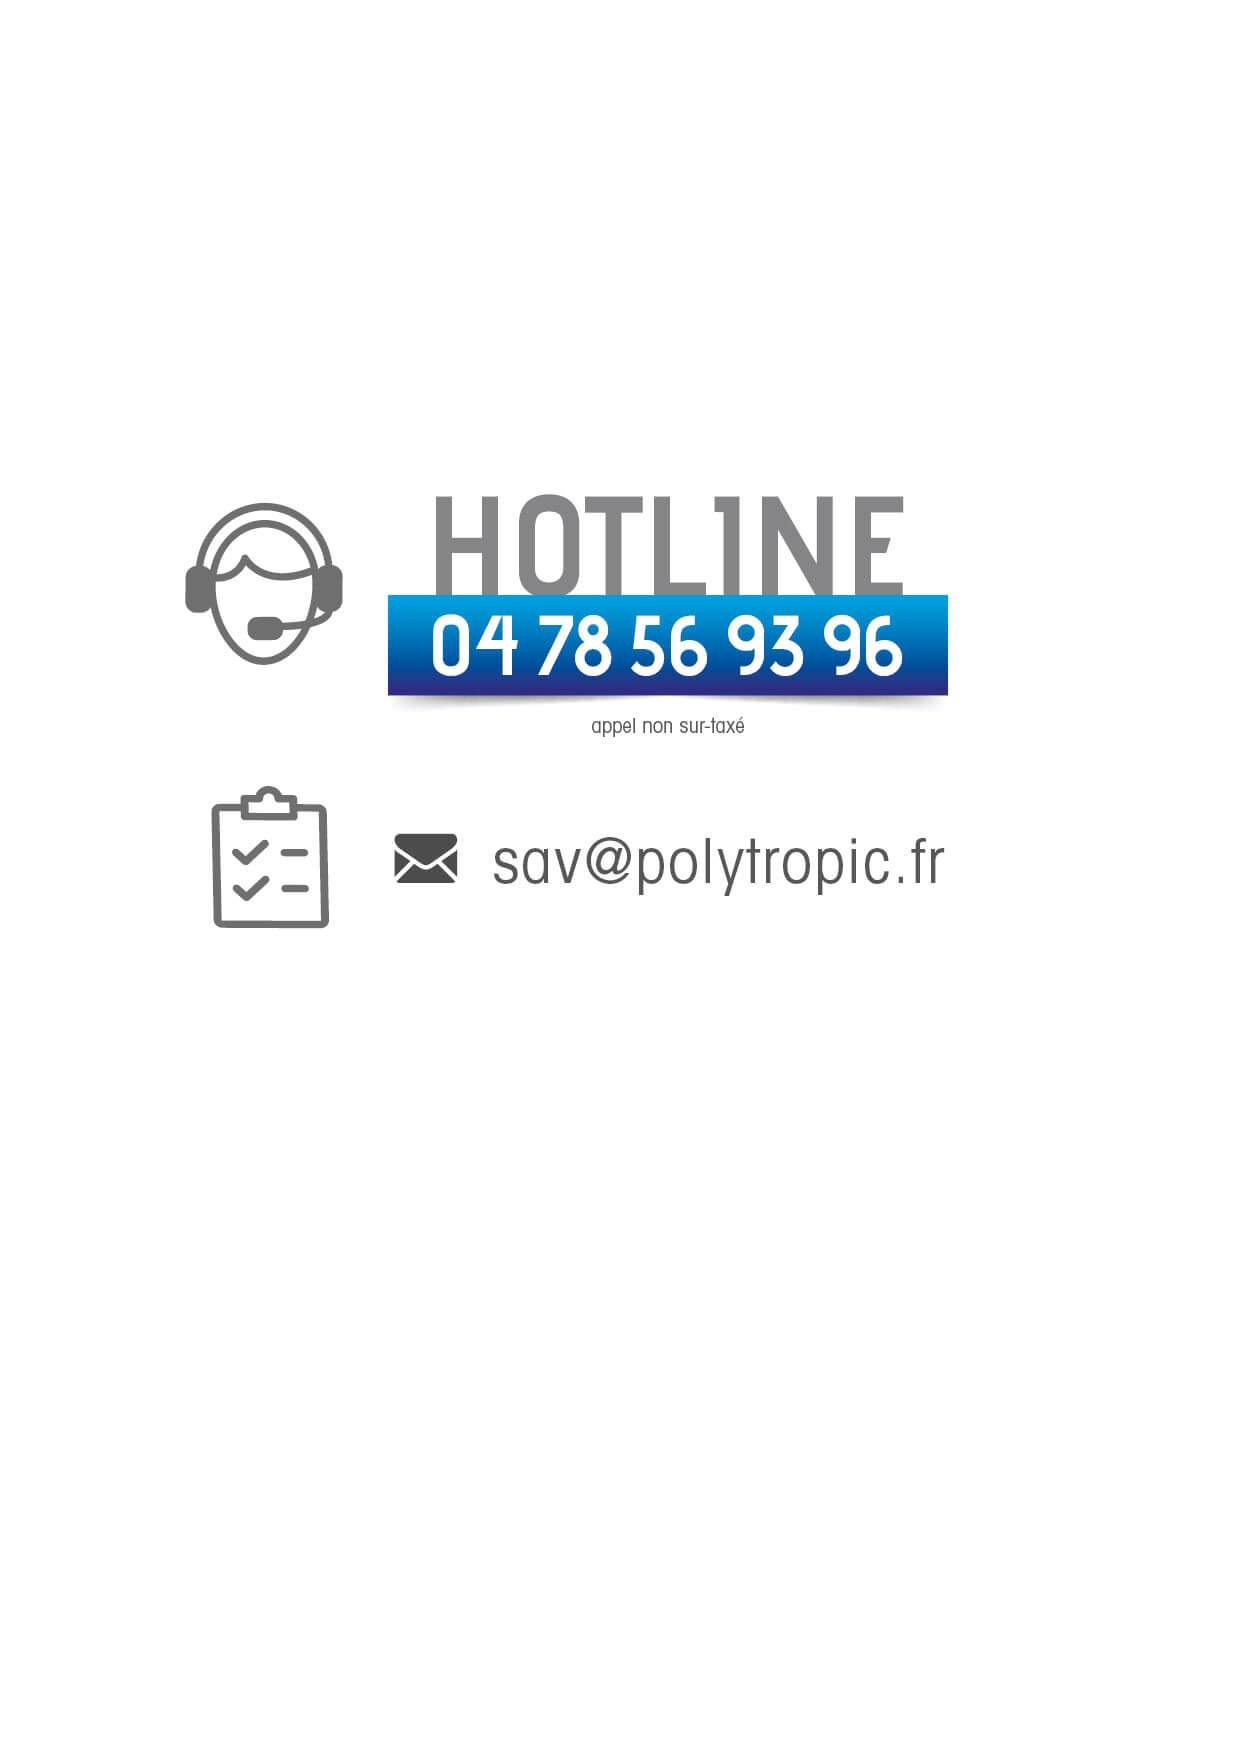 Hotline FR